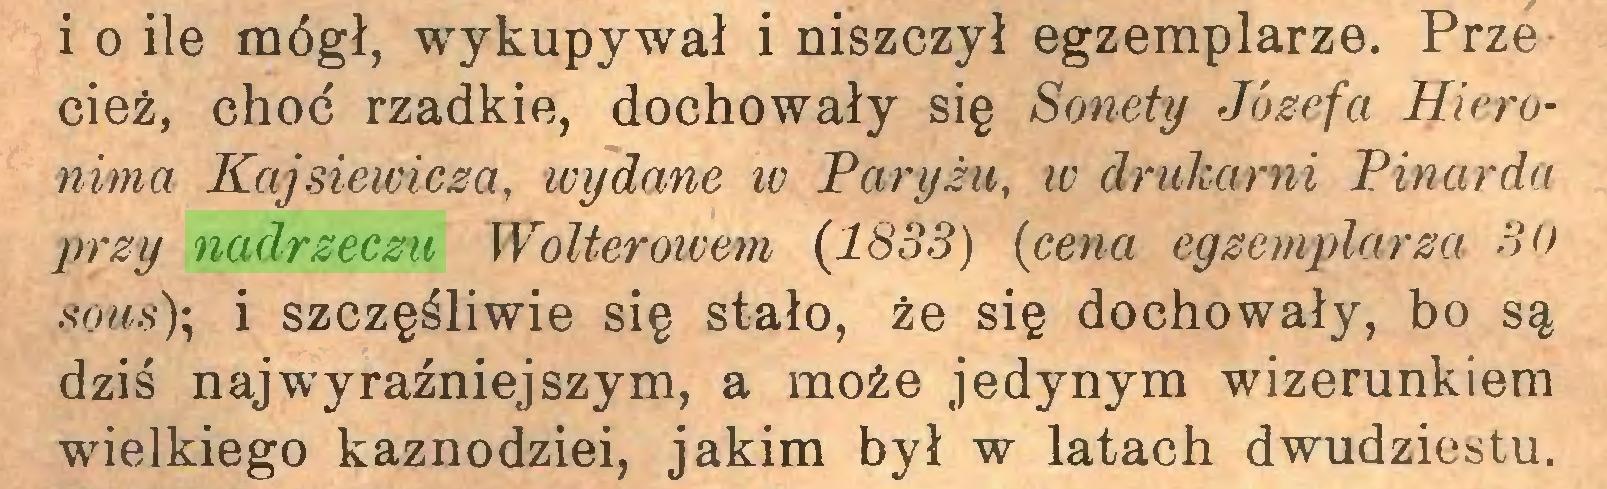 (...) i o ile mógł, wykupywał i niszczył egzemplarze. Prze cięż, choć rzadkie, dochowały się Sonety Józefa Hieronima Kajsiewicza, wydane w Paryżu, w drukarni Pinarda przy nadrzeczu Wolteroicem (1833) (cena egzemplarza 30 sous); i szczęśliwie się stało, że się dochowały, bo są dziś najwyraźniejszym, a może jedynym wizerunkiem wielkiego kaznodziei, jakim był w latach dwudziestu...